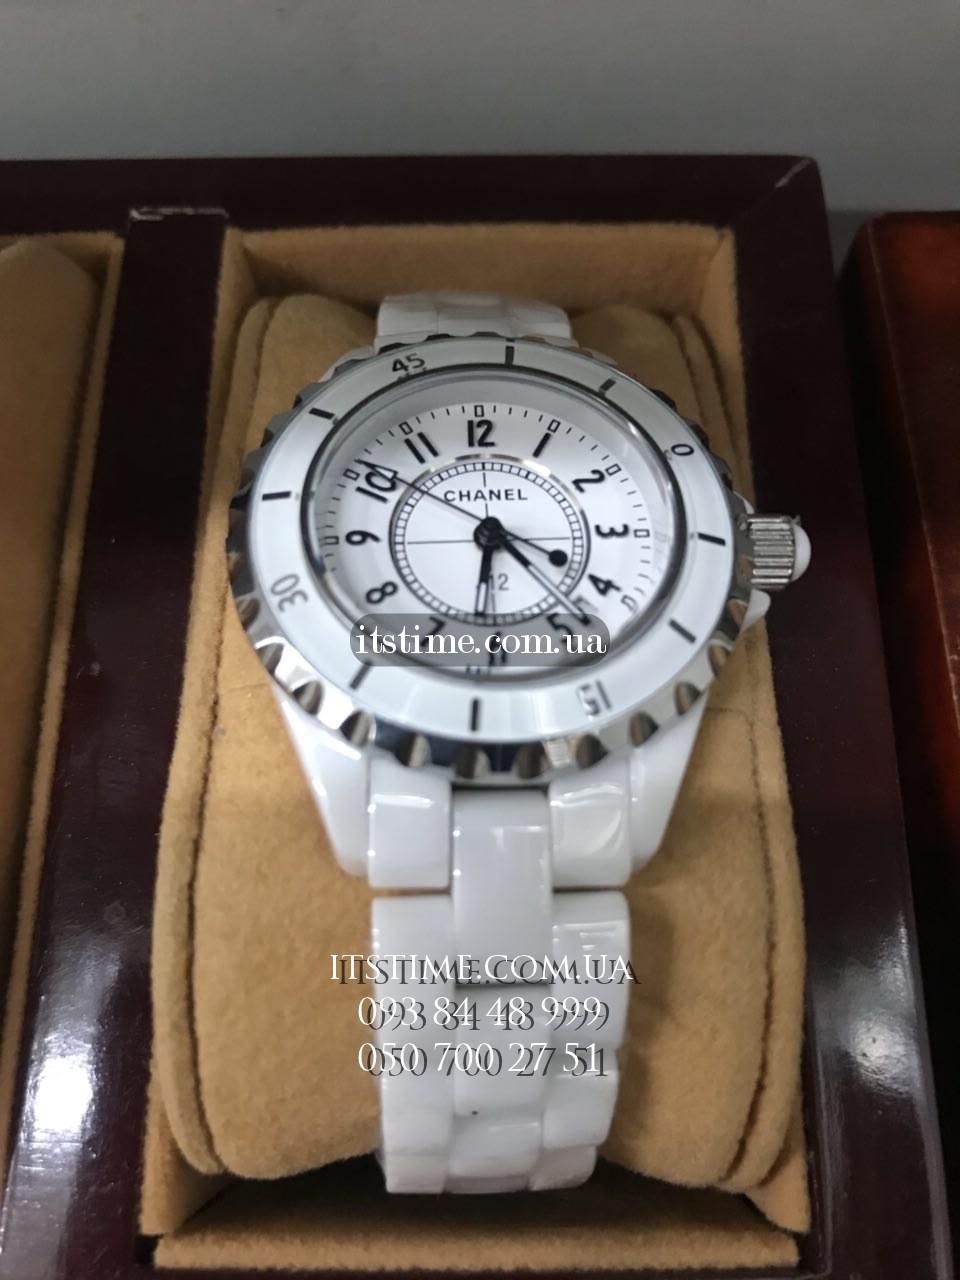 aefbf63b30a2 Часы Chanel:: Купить копии часов Шанель в Интернет-магазине ITS TIME ...